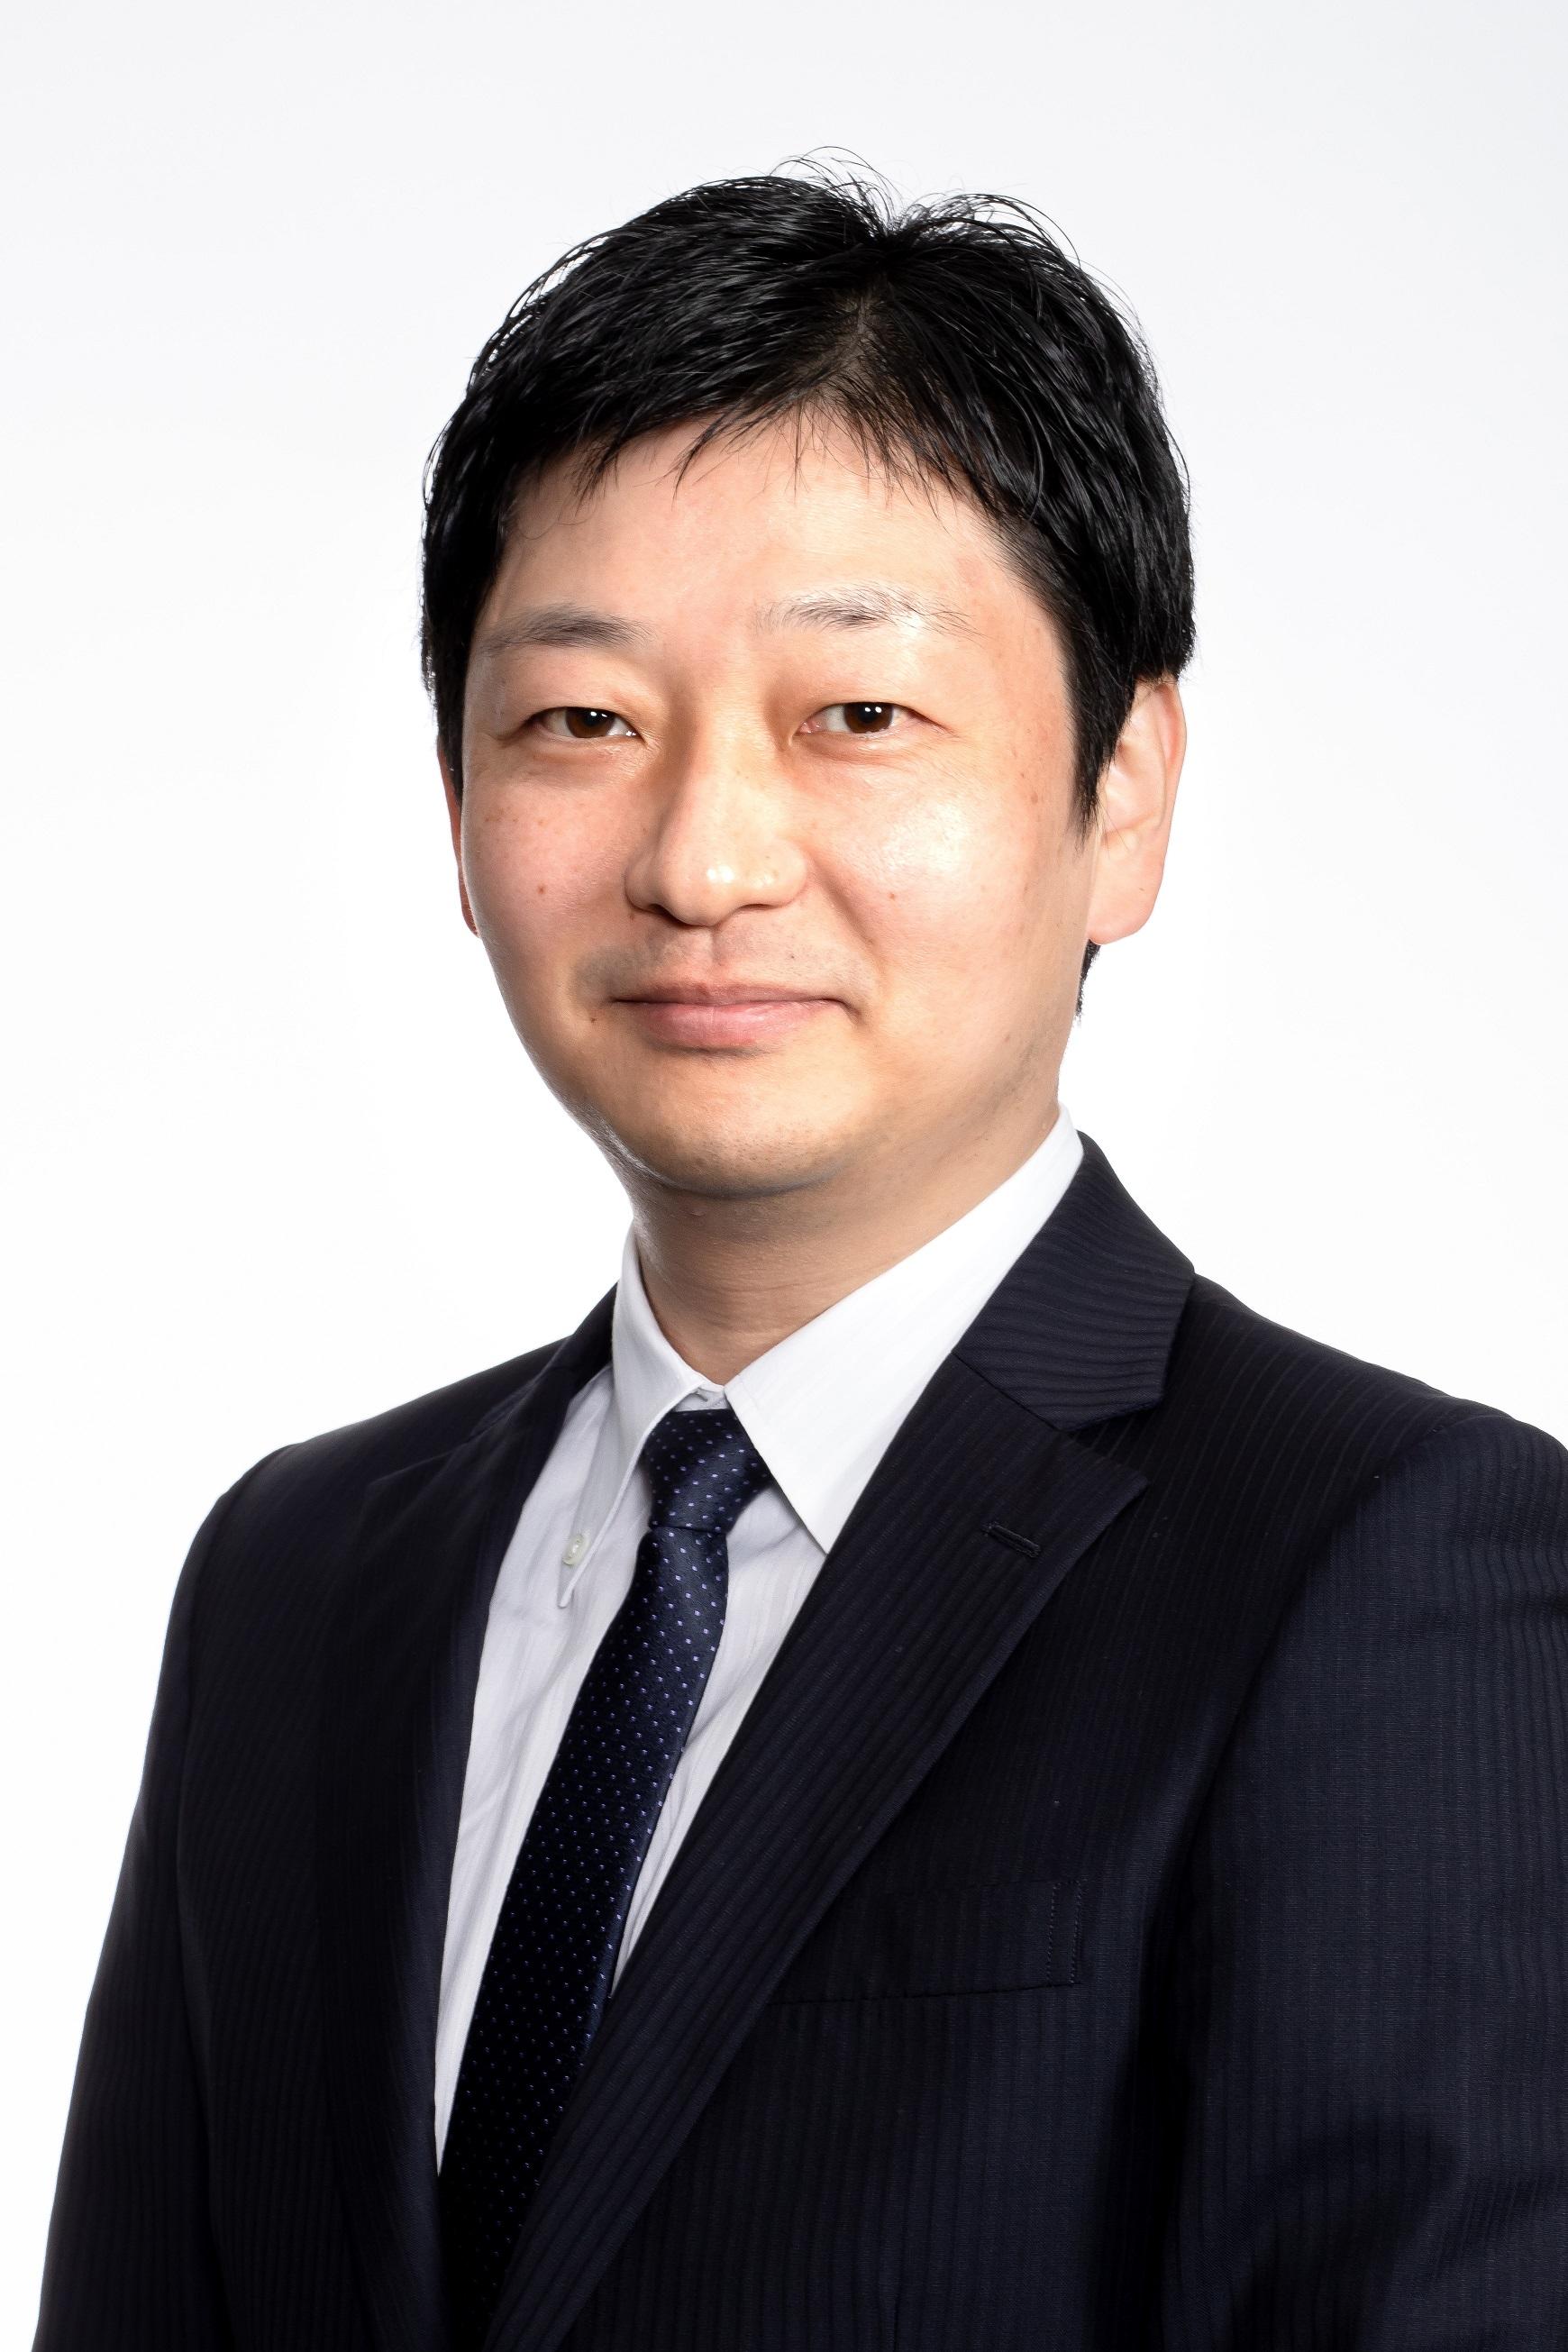 社外取締役/監査等委員 蒲地 正英 Masahide Kamachi